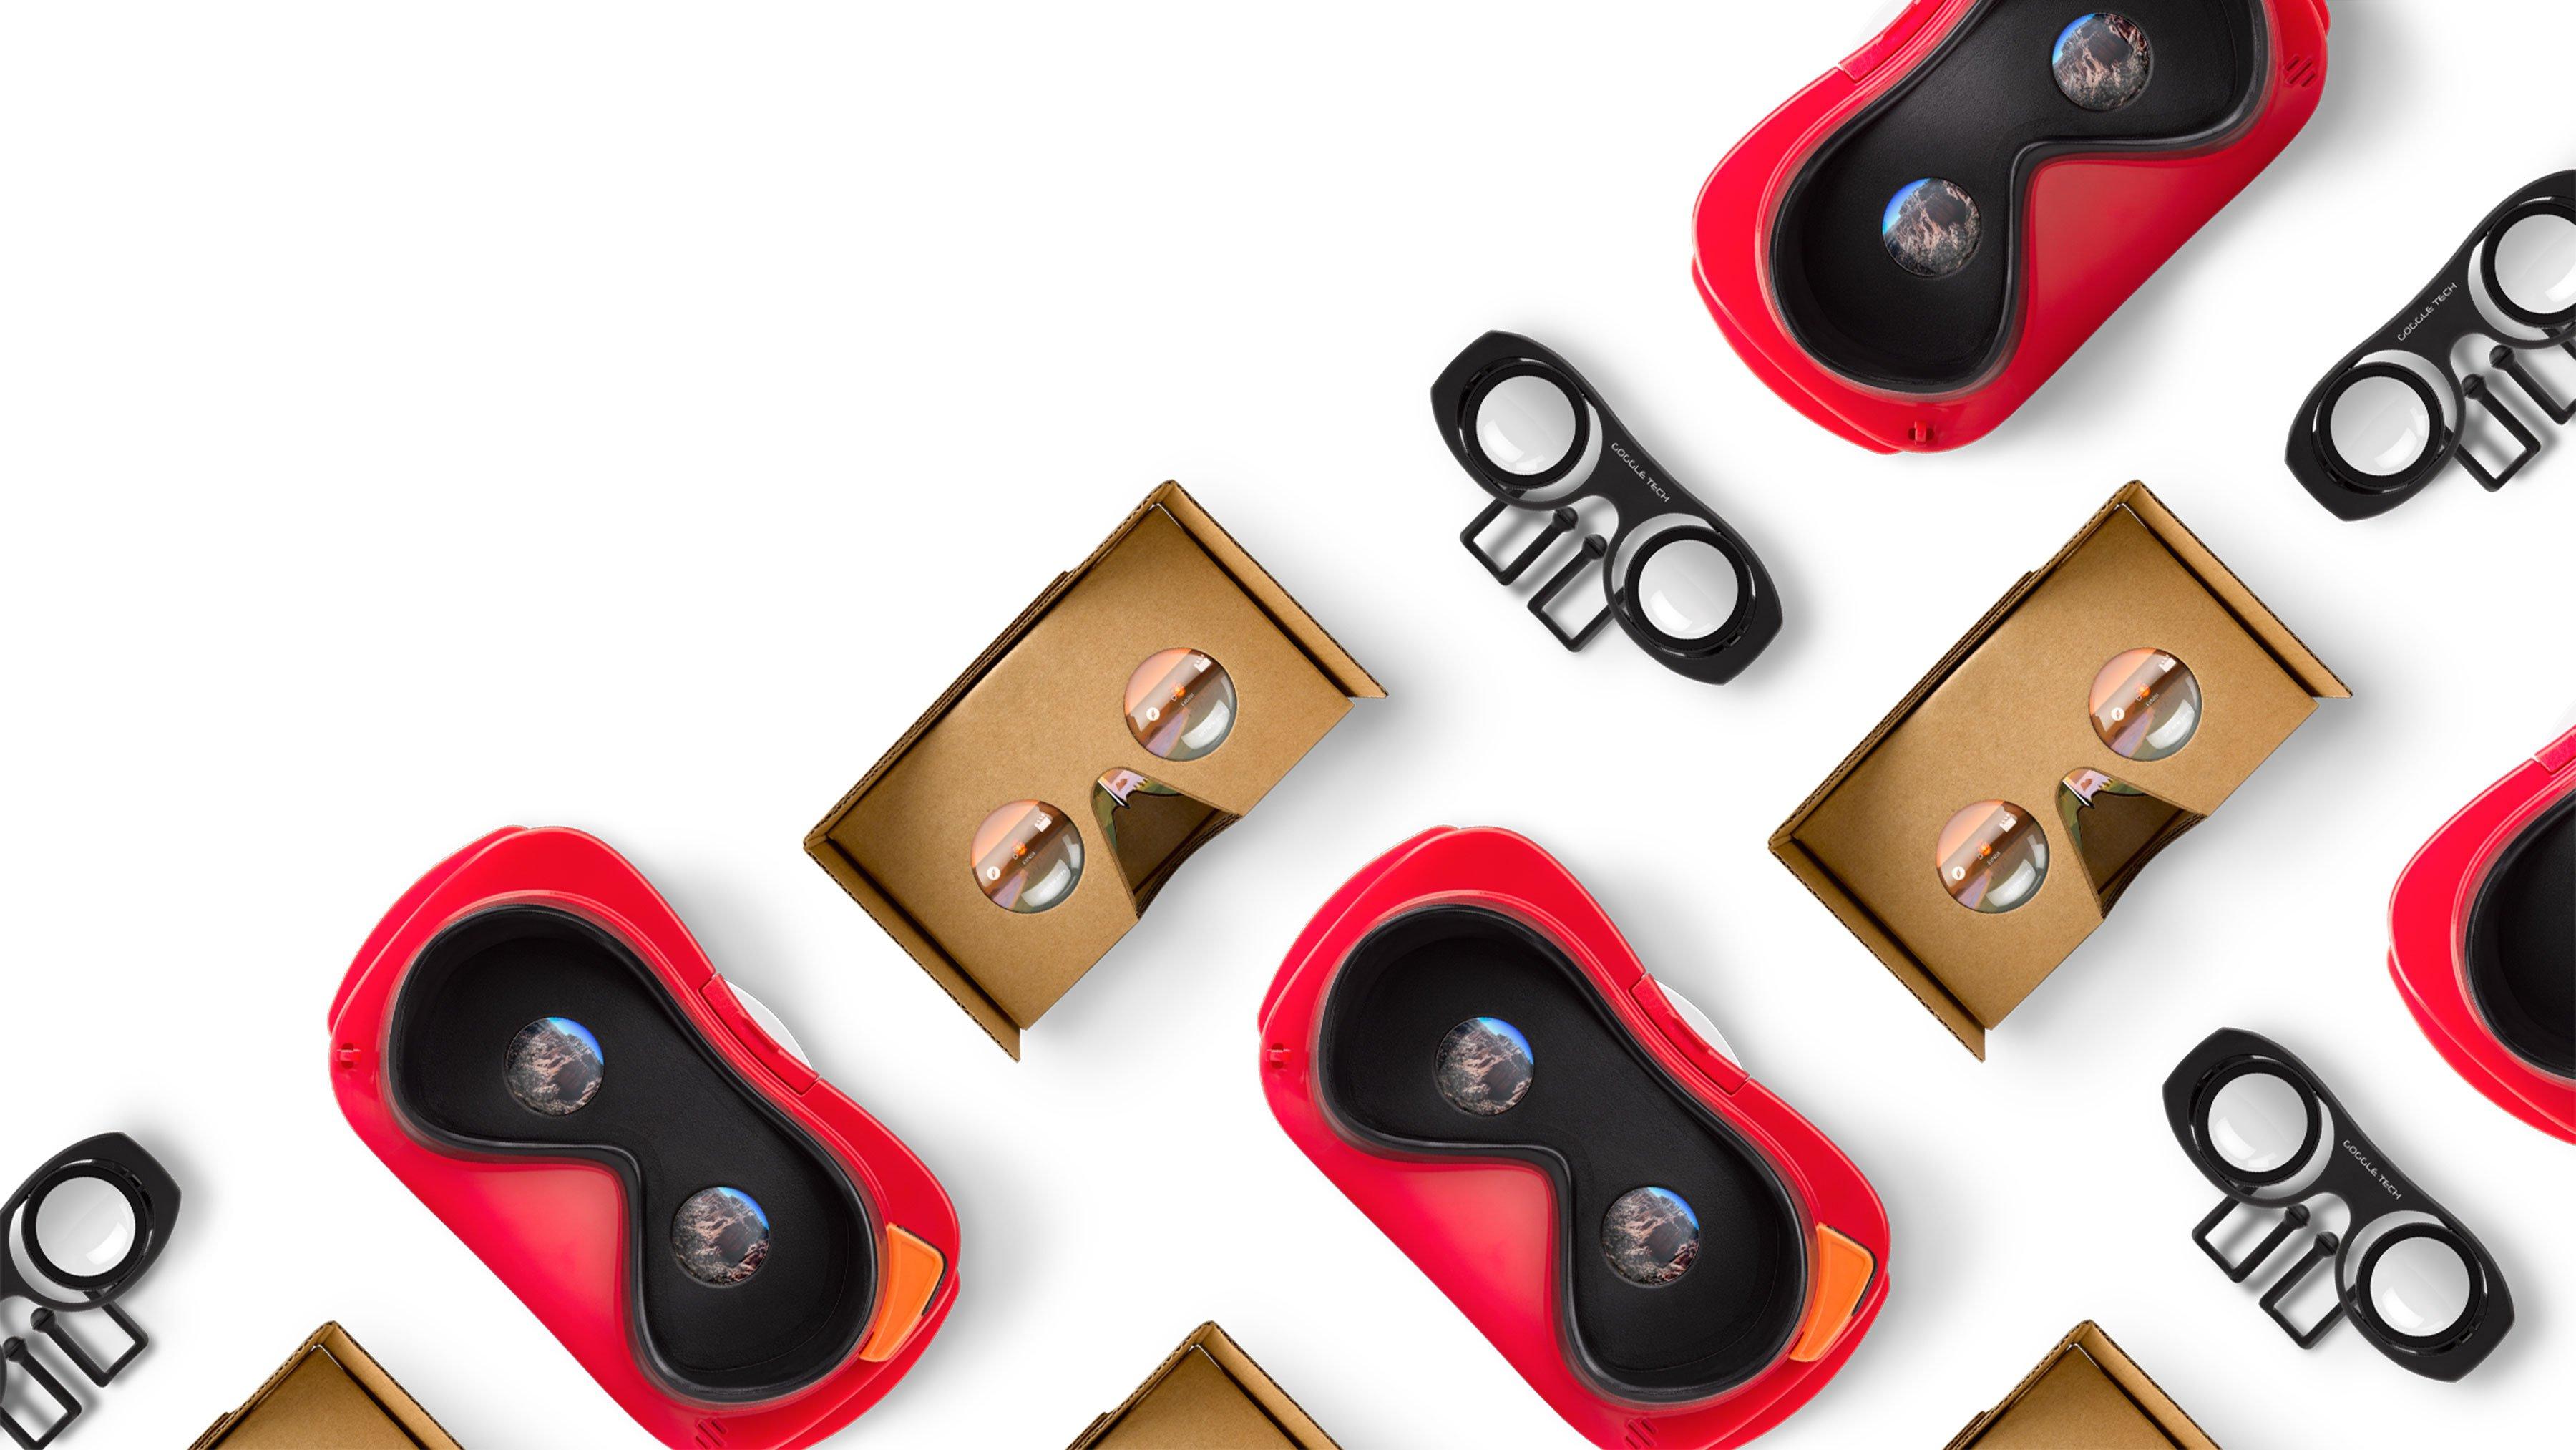 گوگل میخواهد فناوری VR را به عنوان یک پلتفرم آموزشی به کار گیرد